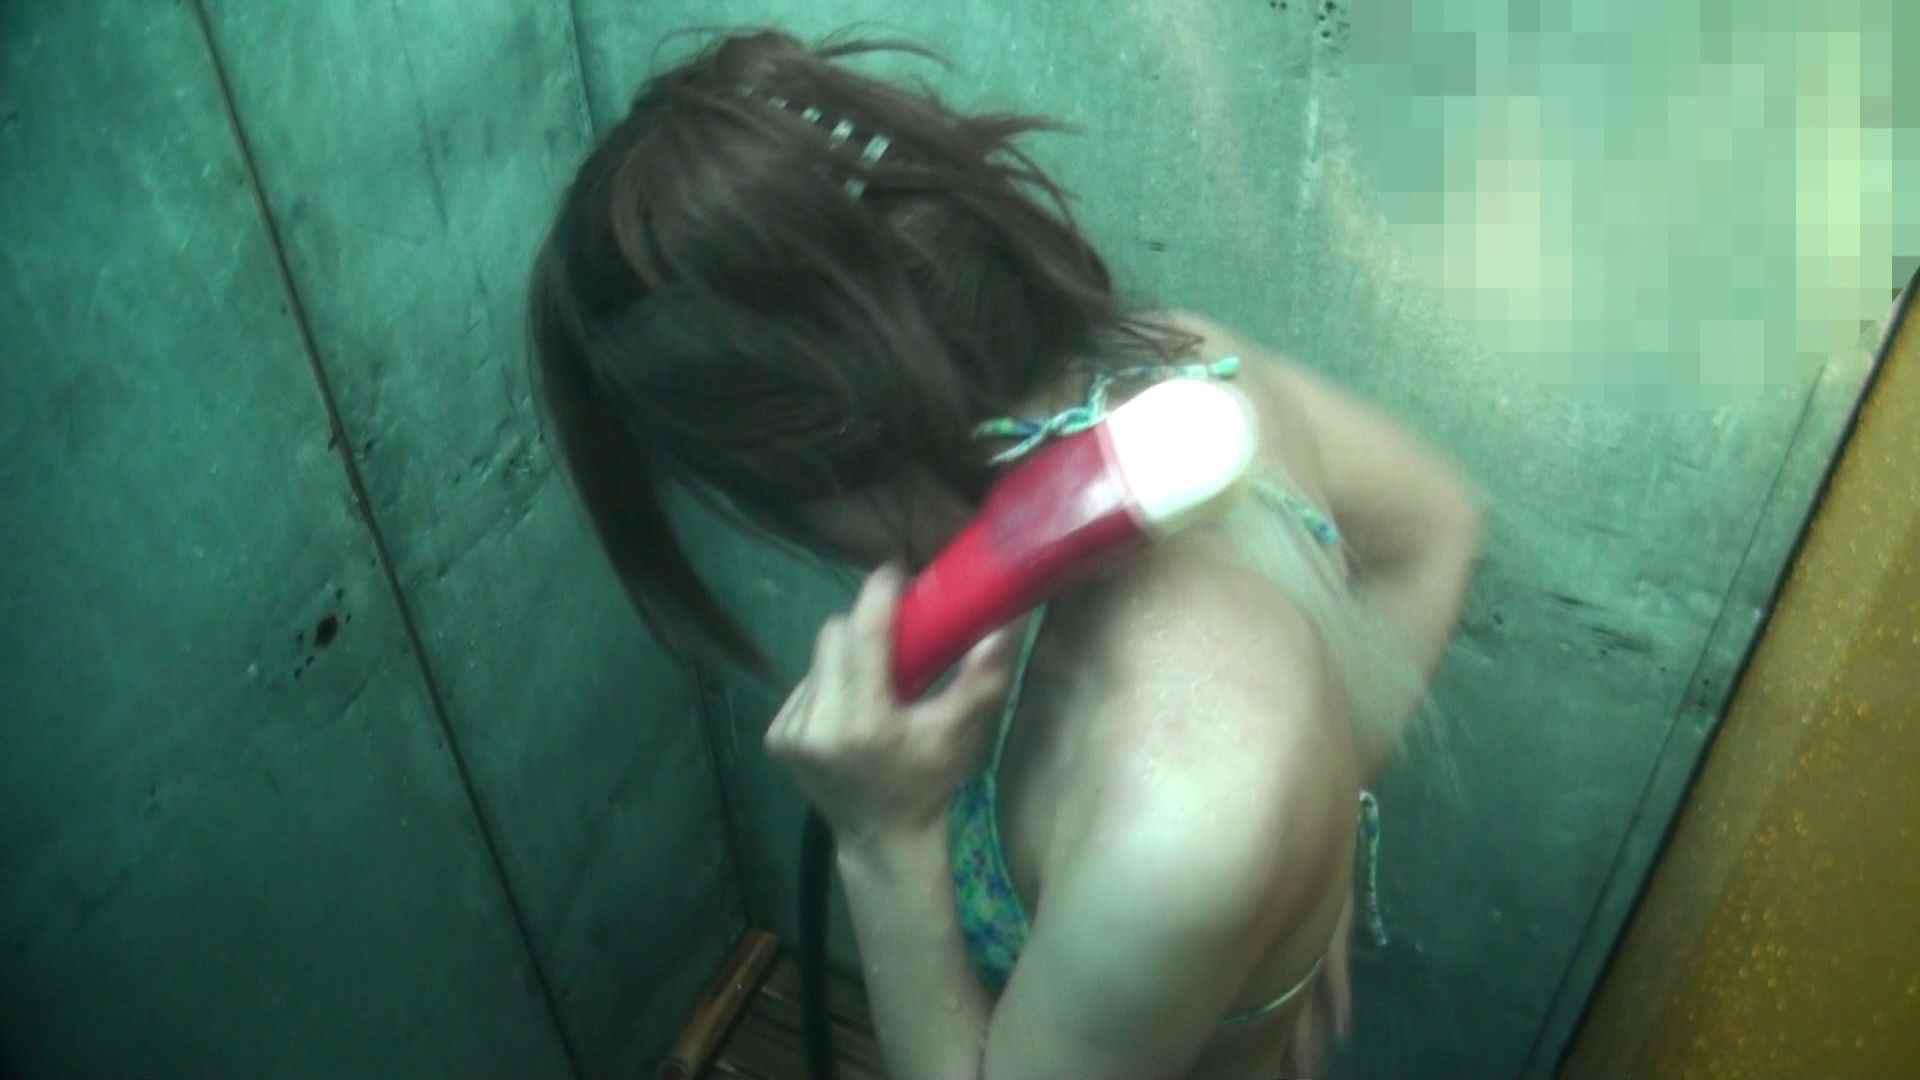 シャワールームは超!!危険な香りVol.15 残念ですが乳首未確認 マンコの砂は入念に シャワー  106画像 25